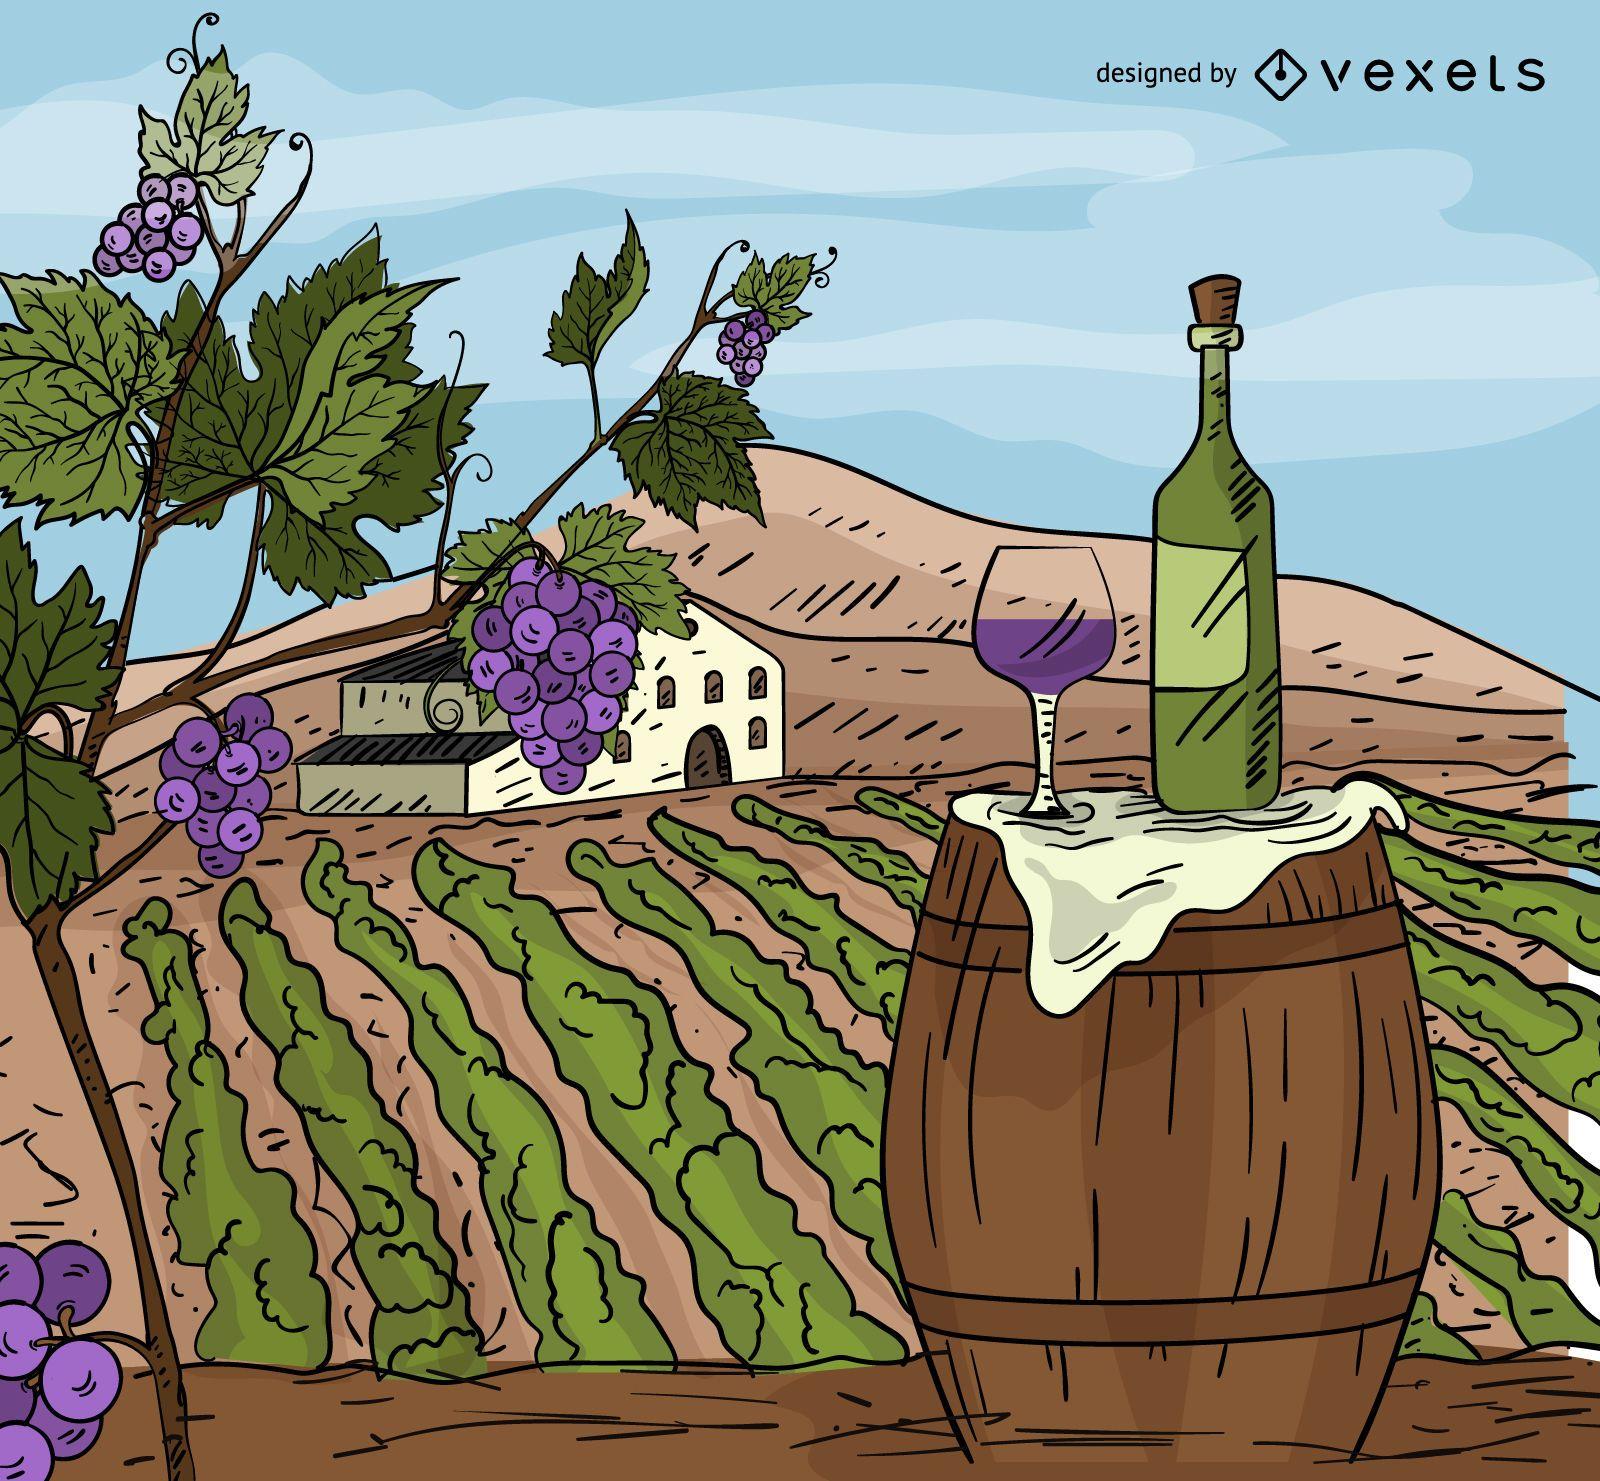 Wine chateau cartoon illustration